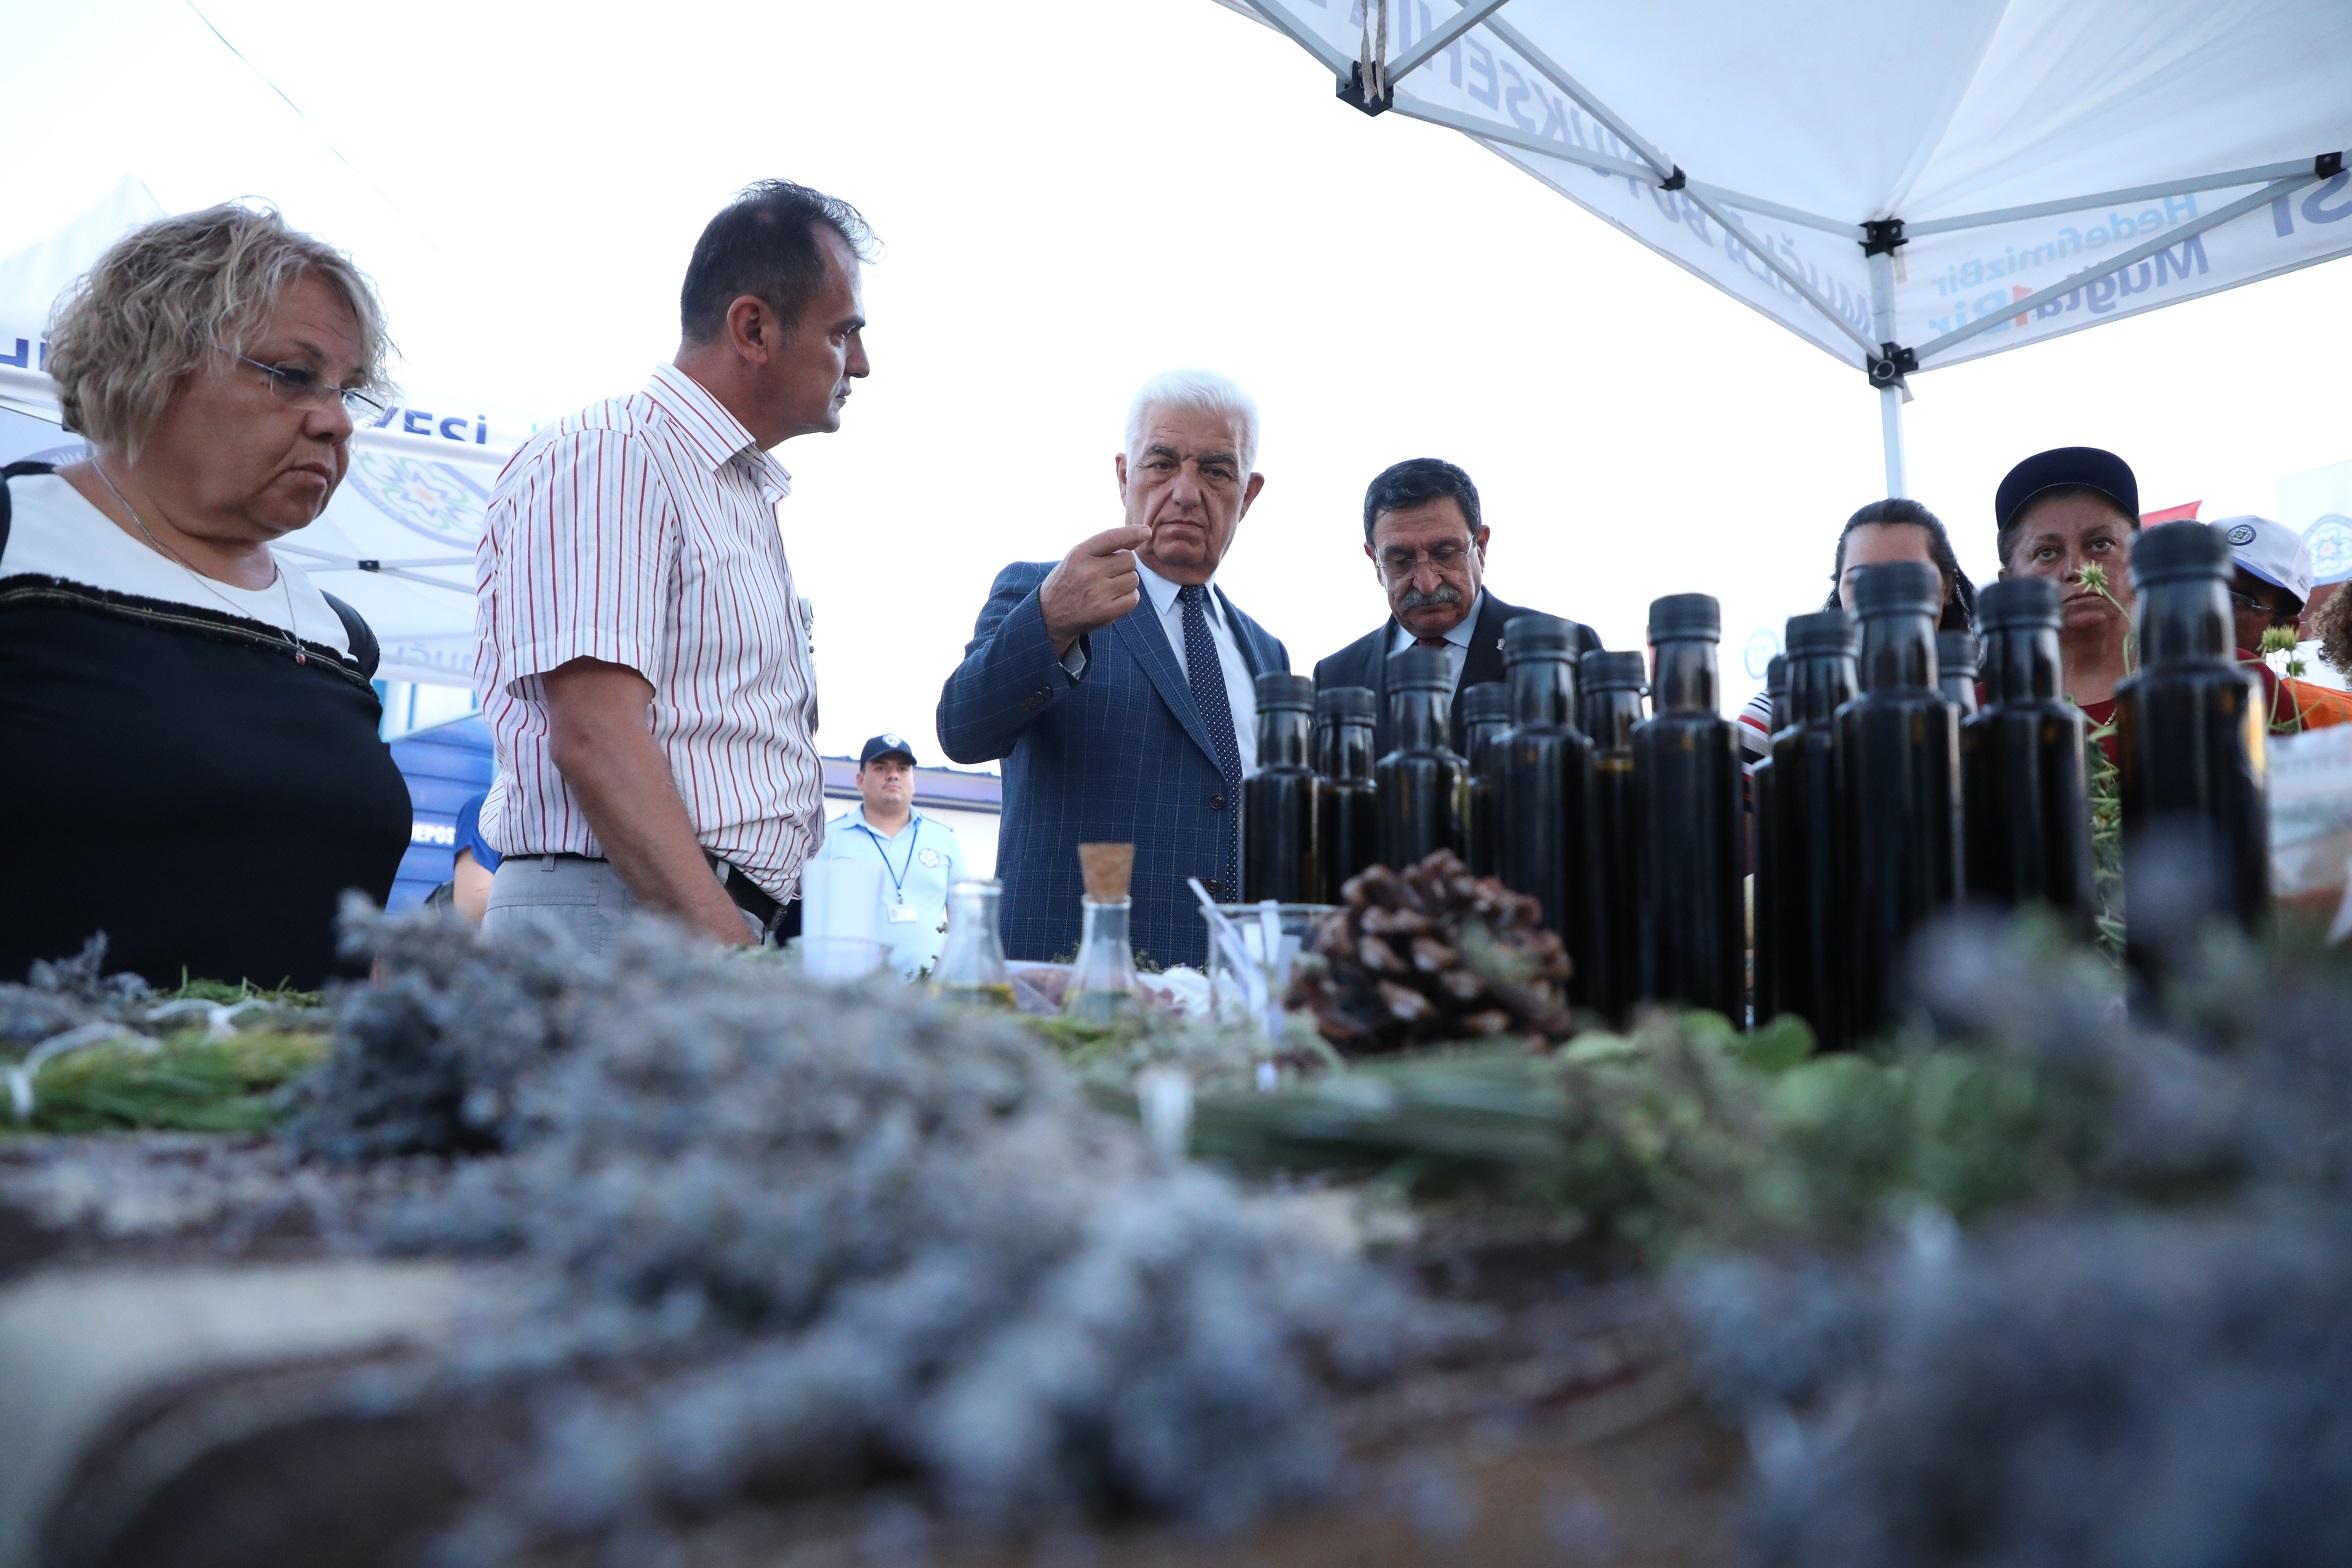 Yeşil Bilgi Tohumları, Dünya Su Forumundan ne bekliyor